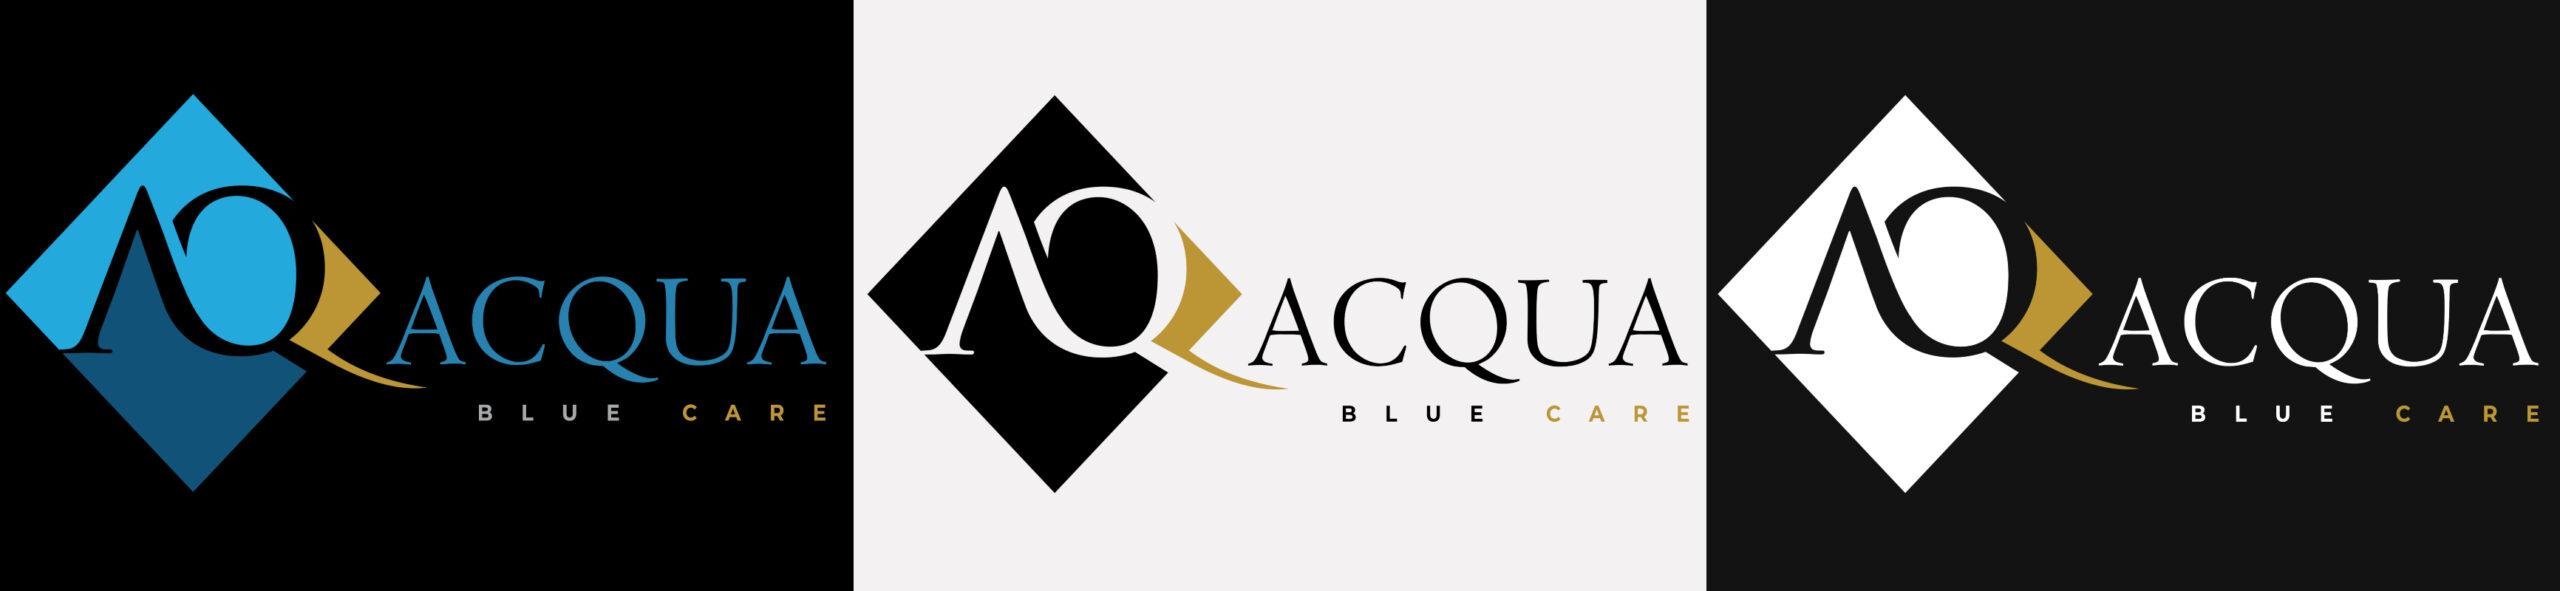 acqua-blue-care-logo-variants